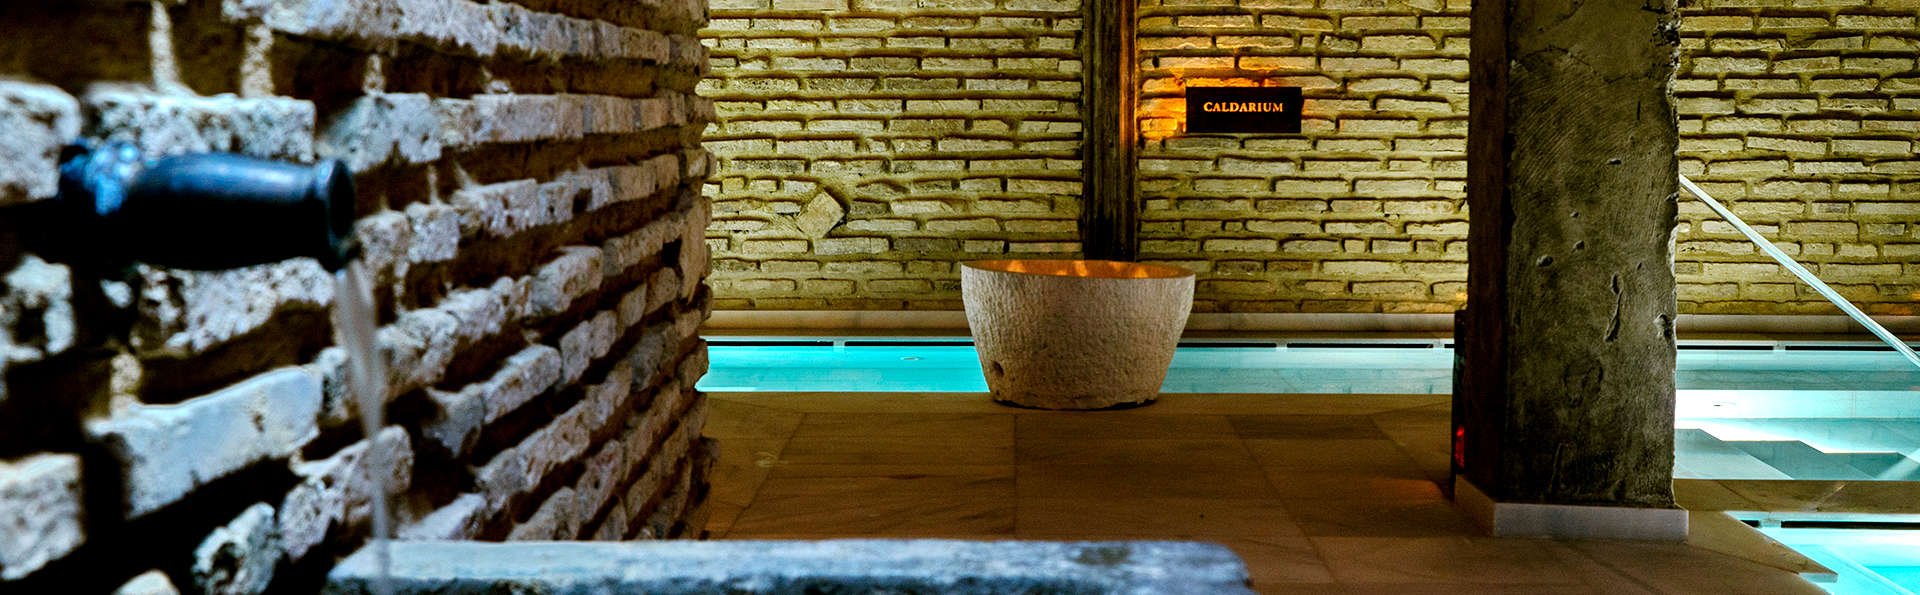 Aire Hotel & Ancient Baths  - Edit_Spa.jpg